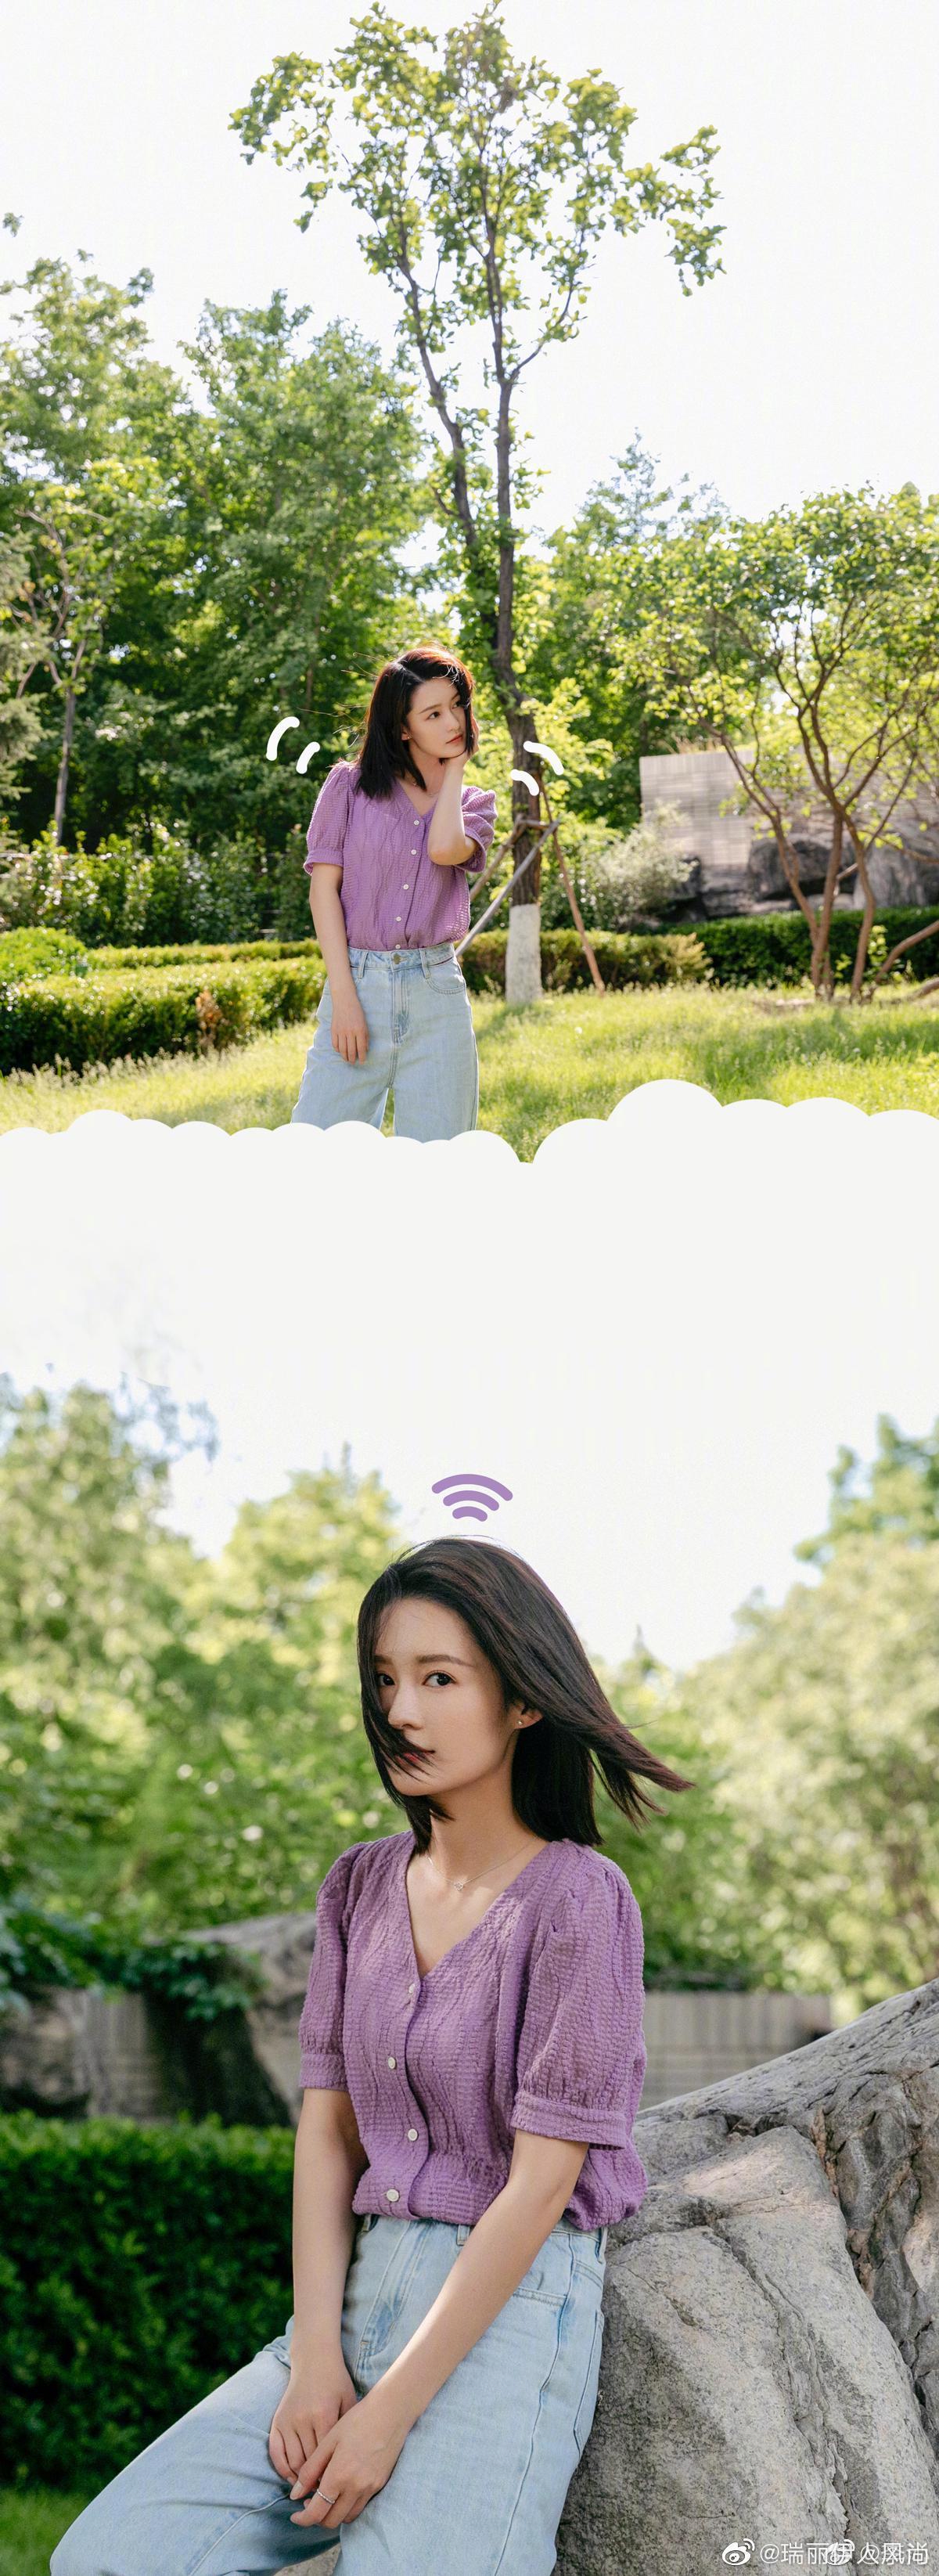 香芋紫的夏日沁@李沁 上线啦,一组阳光下的私服街拍,清新灵动